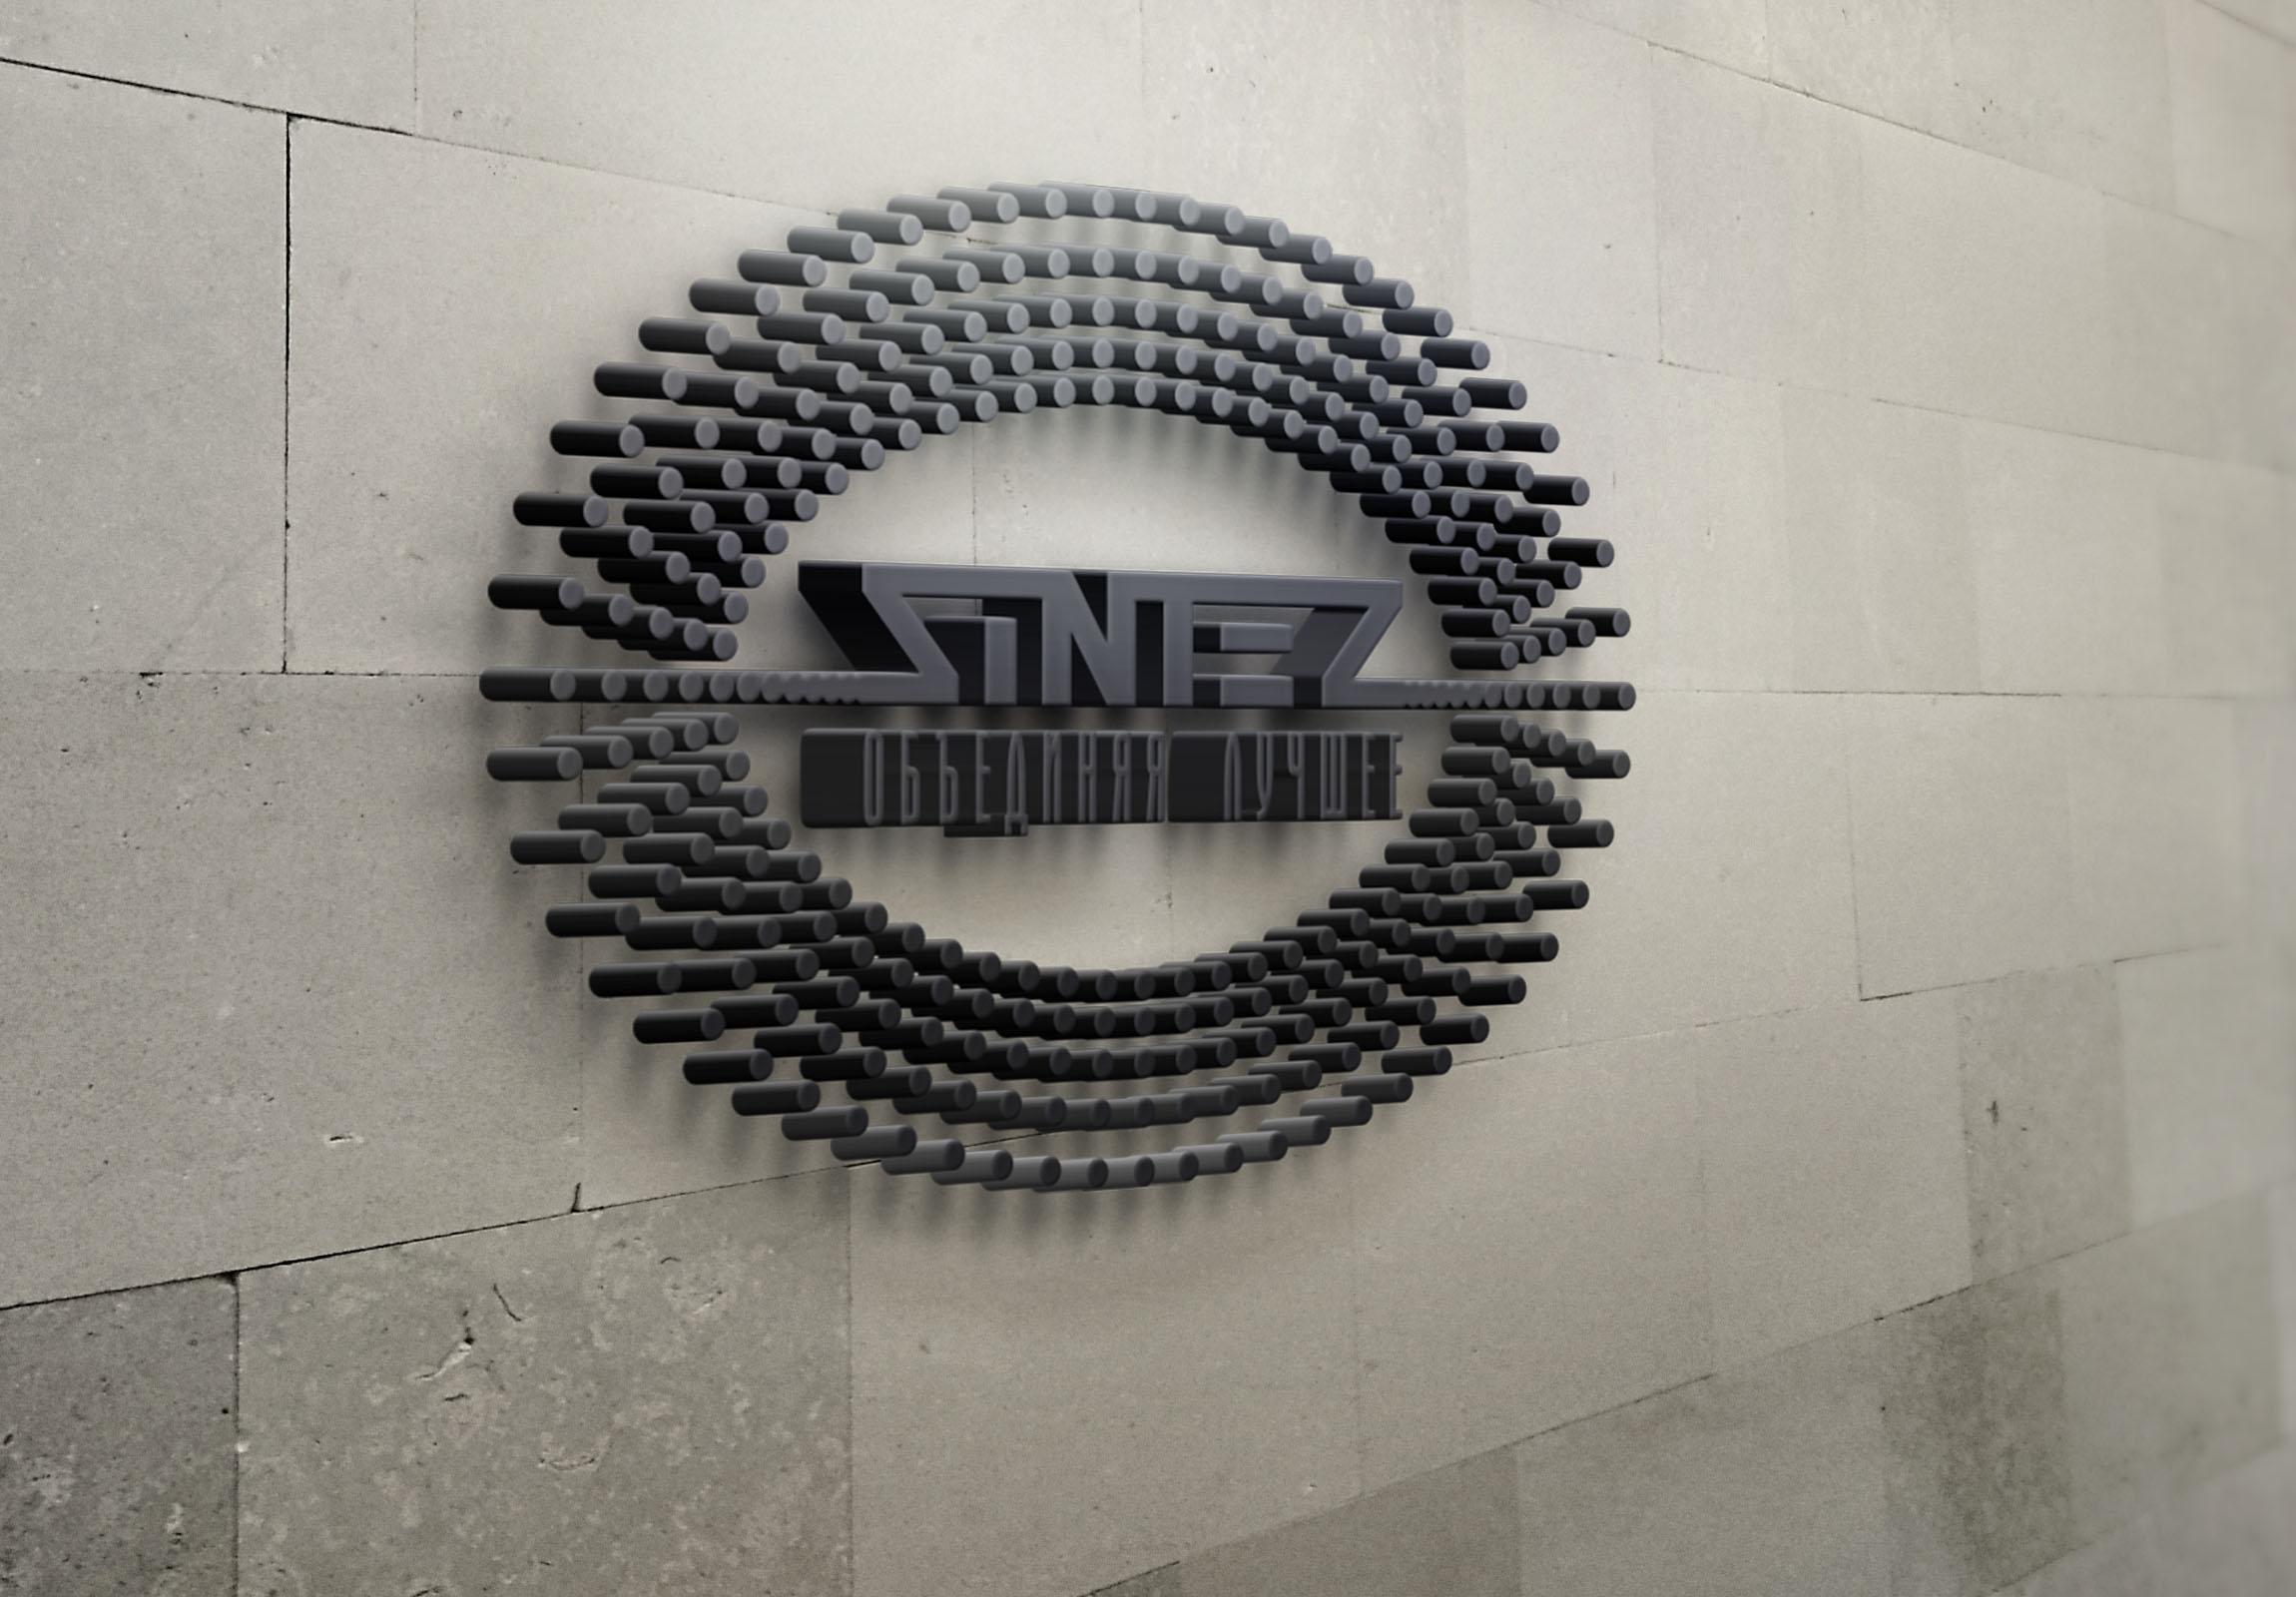 Разрабтка логотипа компании и фирменного шрифта фото f_3105f62f94141284.jpg